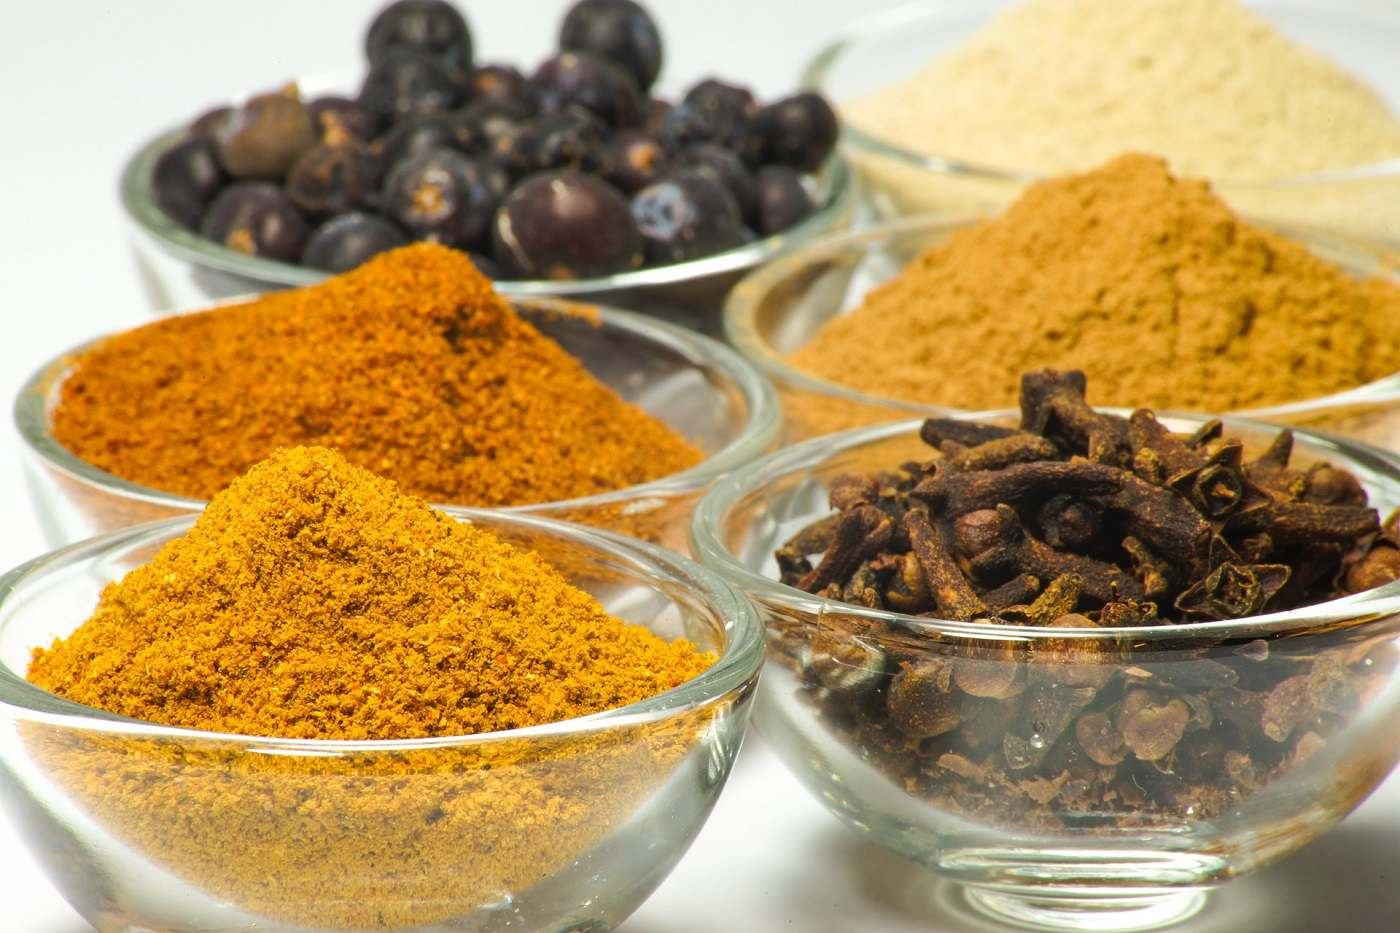 Le spezie e il loro utilizzo in cucina